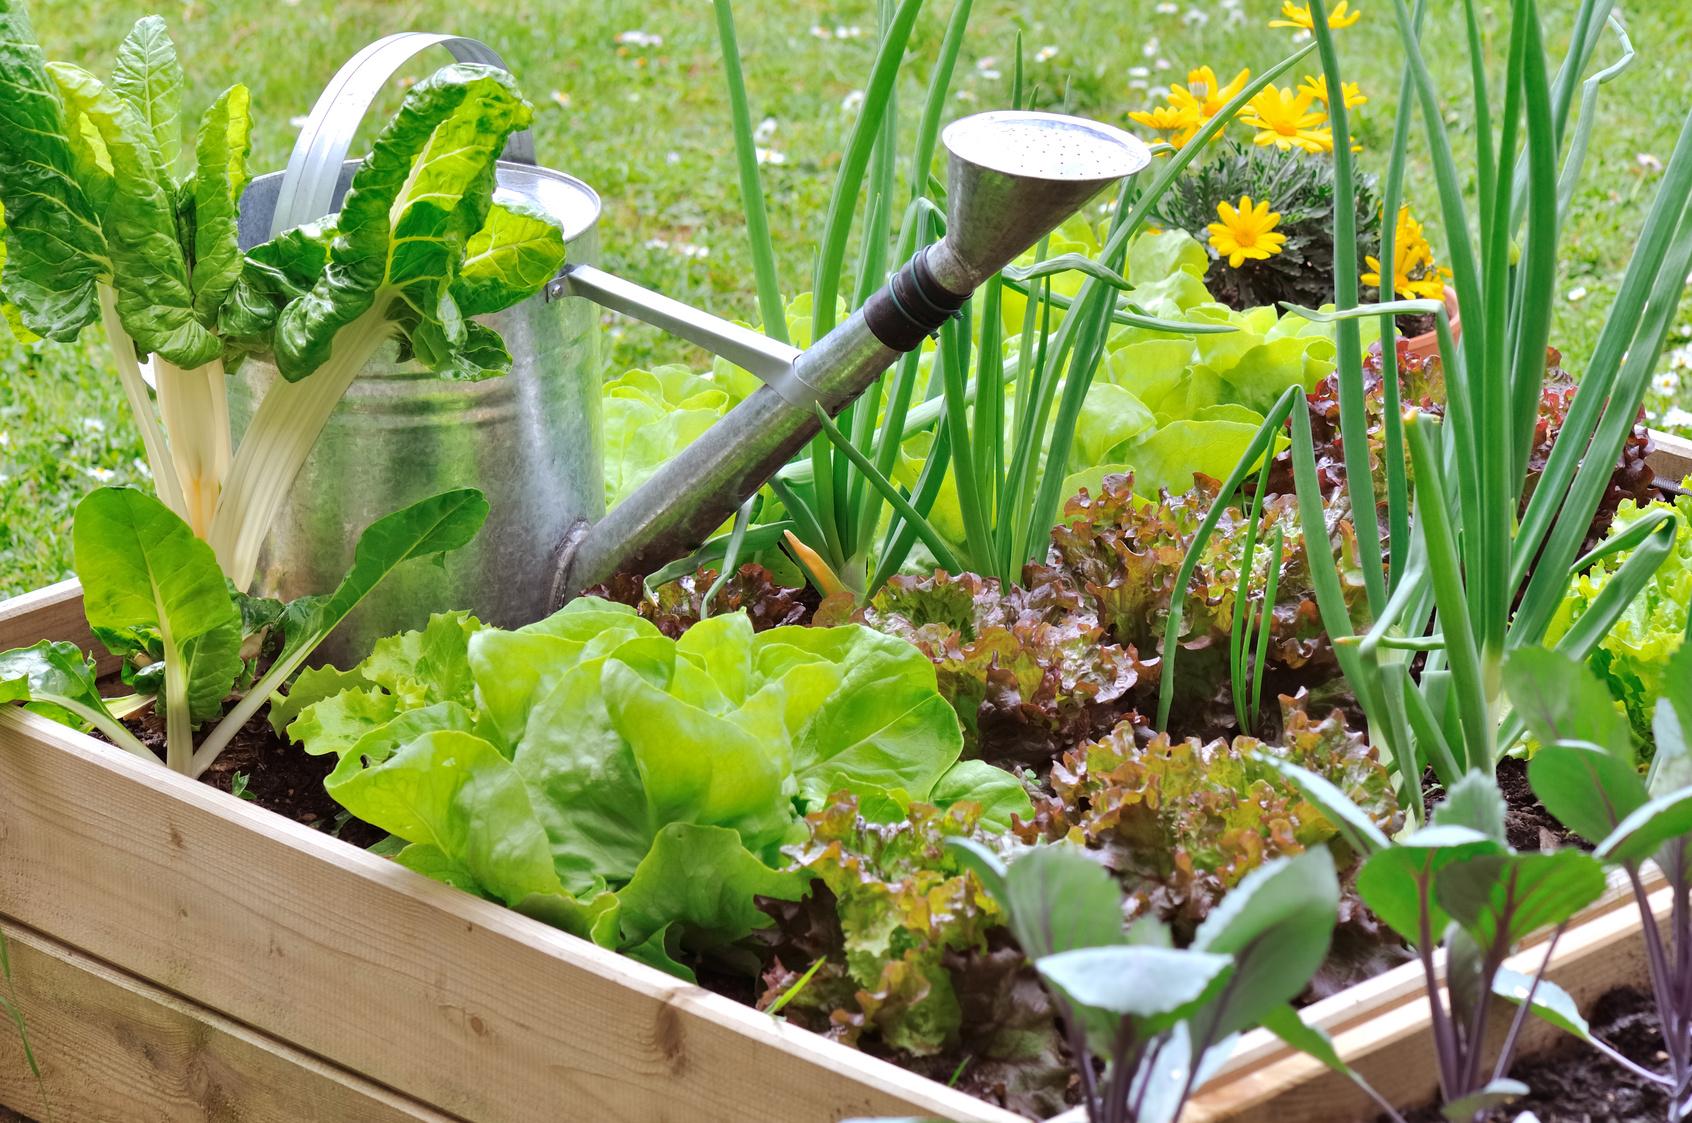 mon joli carr de potager les conseils pour votre jardin de willemse france. Black Bedroom Furniture Sets. Home Design Ideas